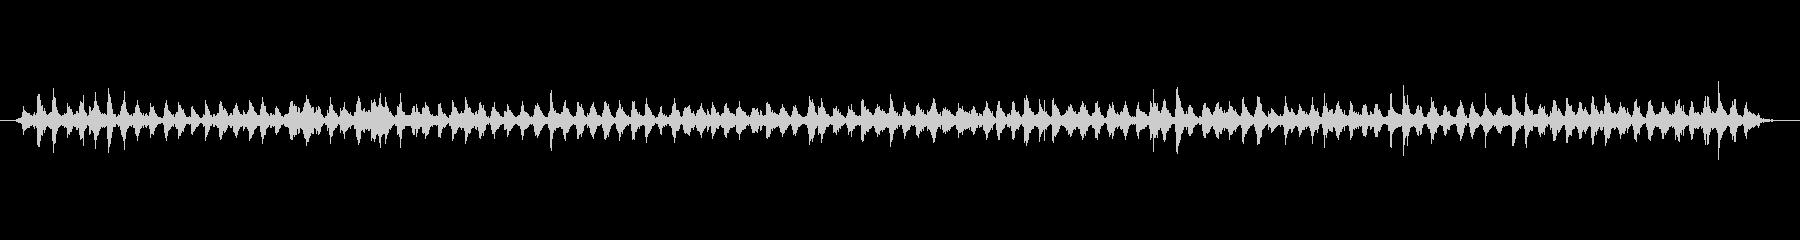 ジングルベル、大型、高速、音楽FX...の未再生の波形